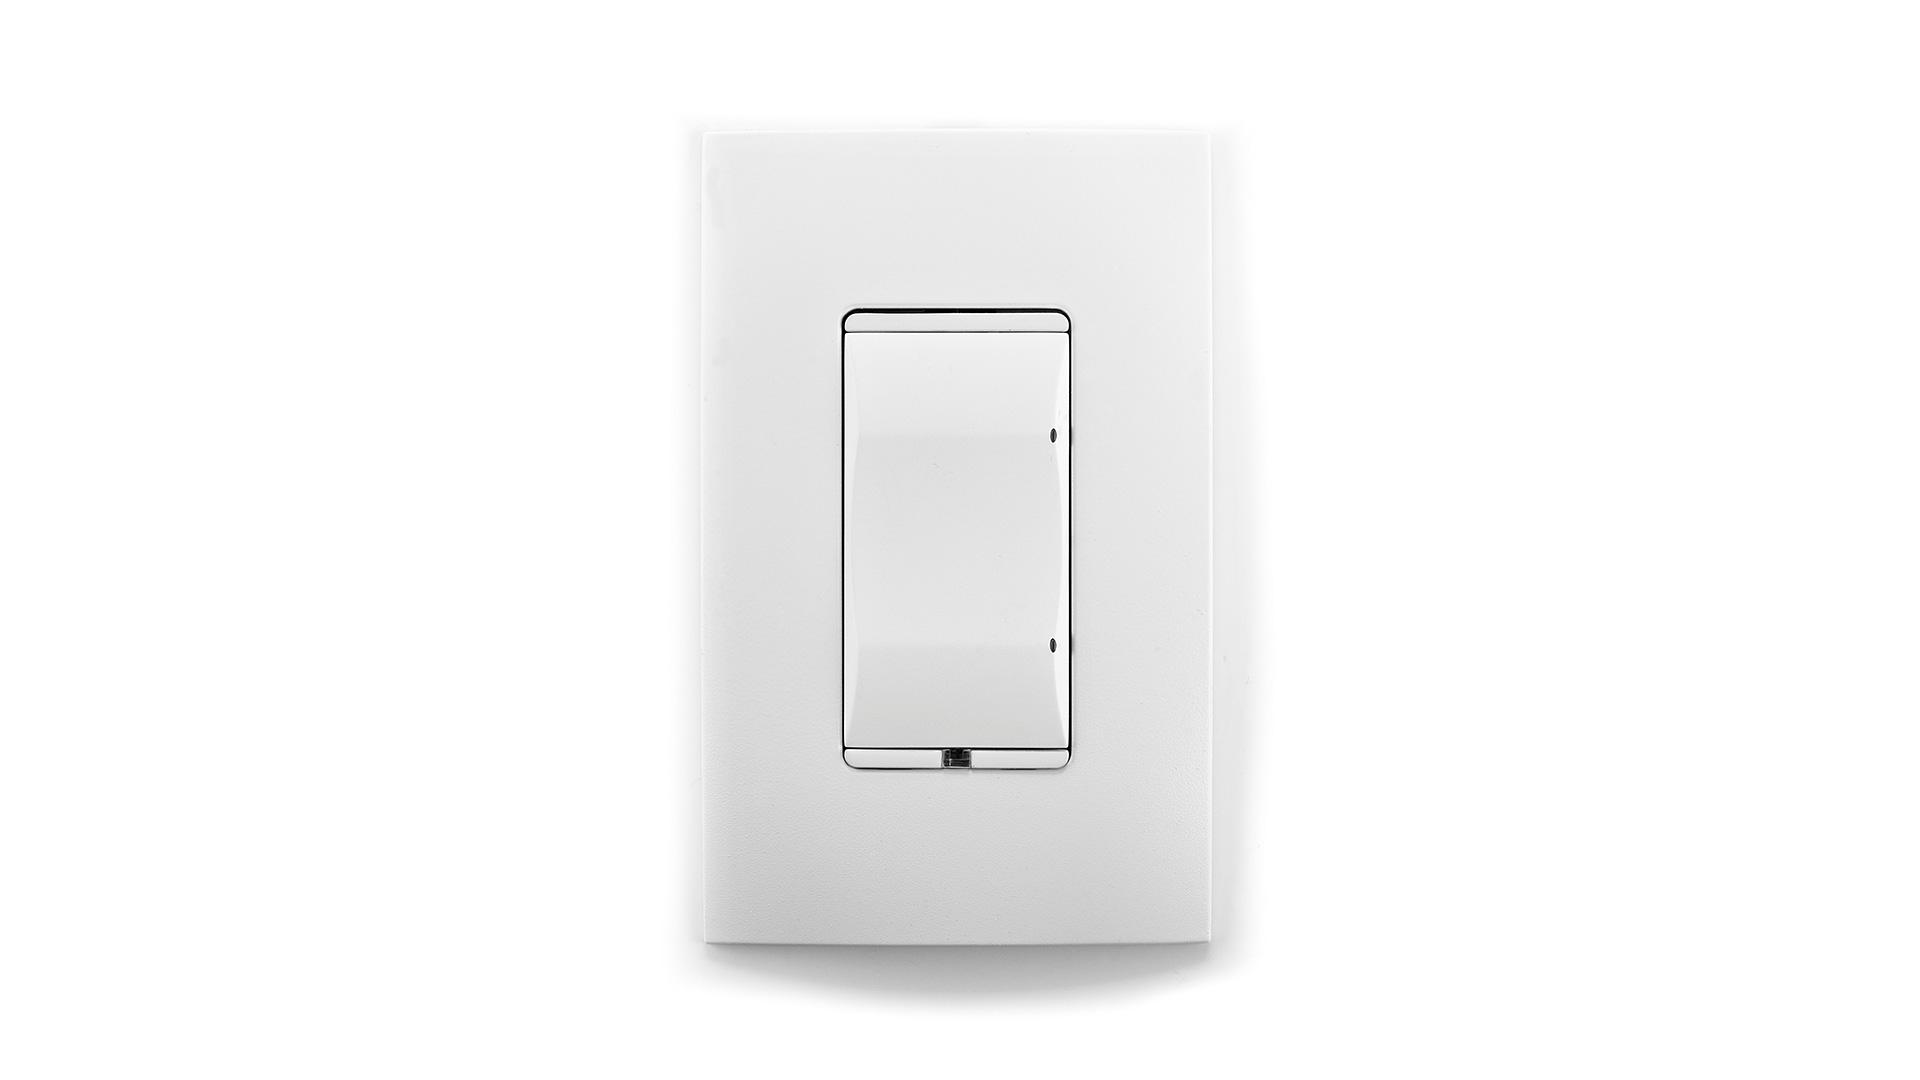 control4-wireless-switch-white.jpg